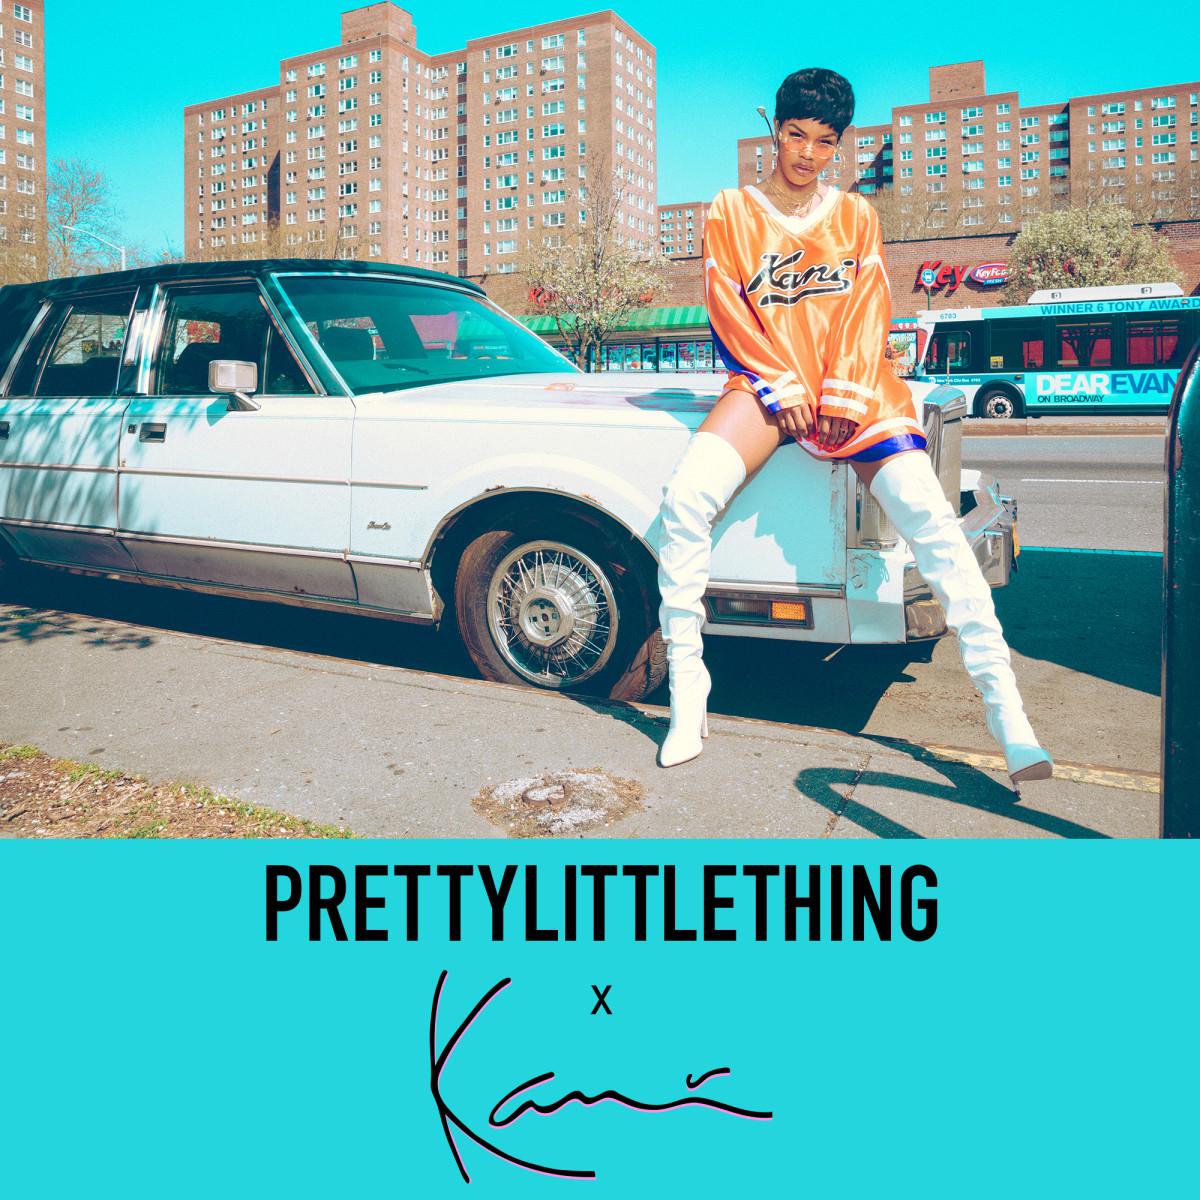 Teyana Taylor for PrettyLittleThing x Karl Kani. Photo:PrettyLittleThing